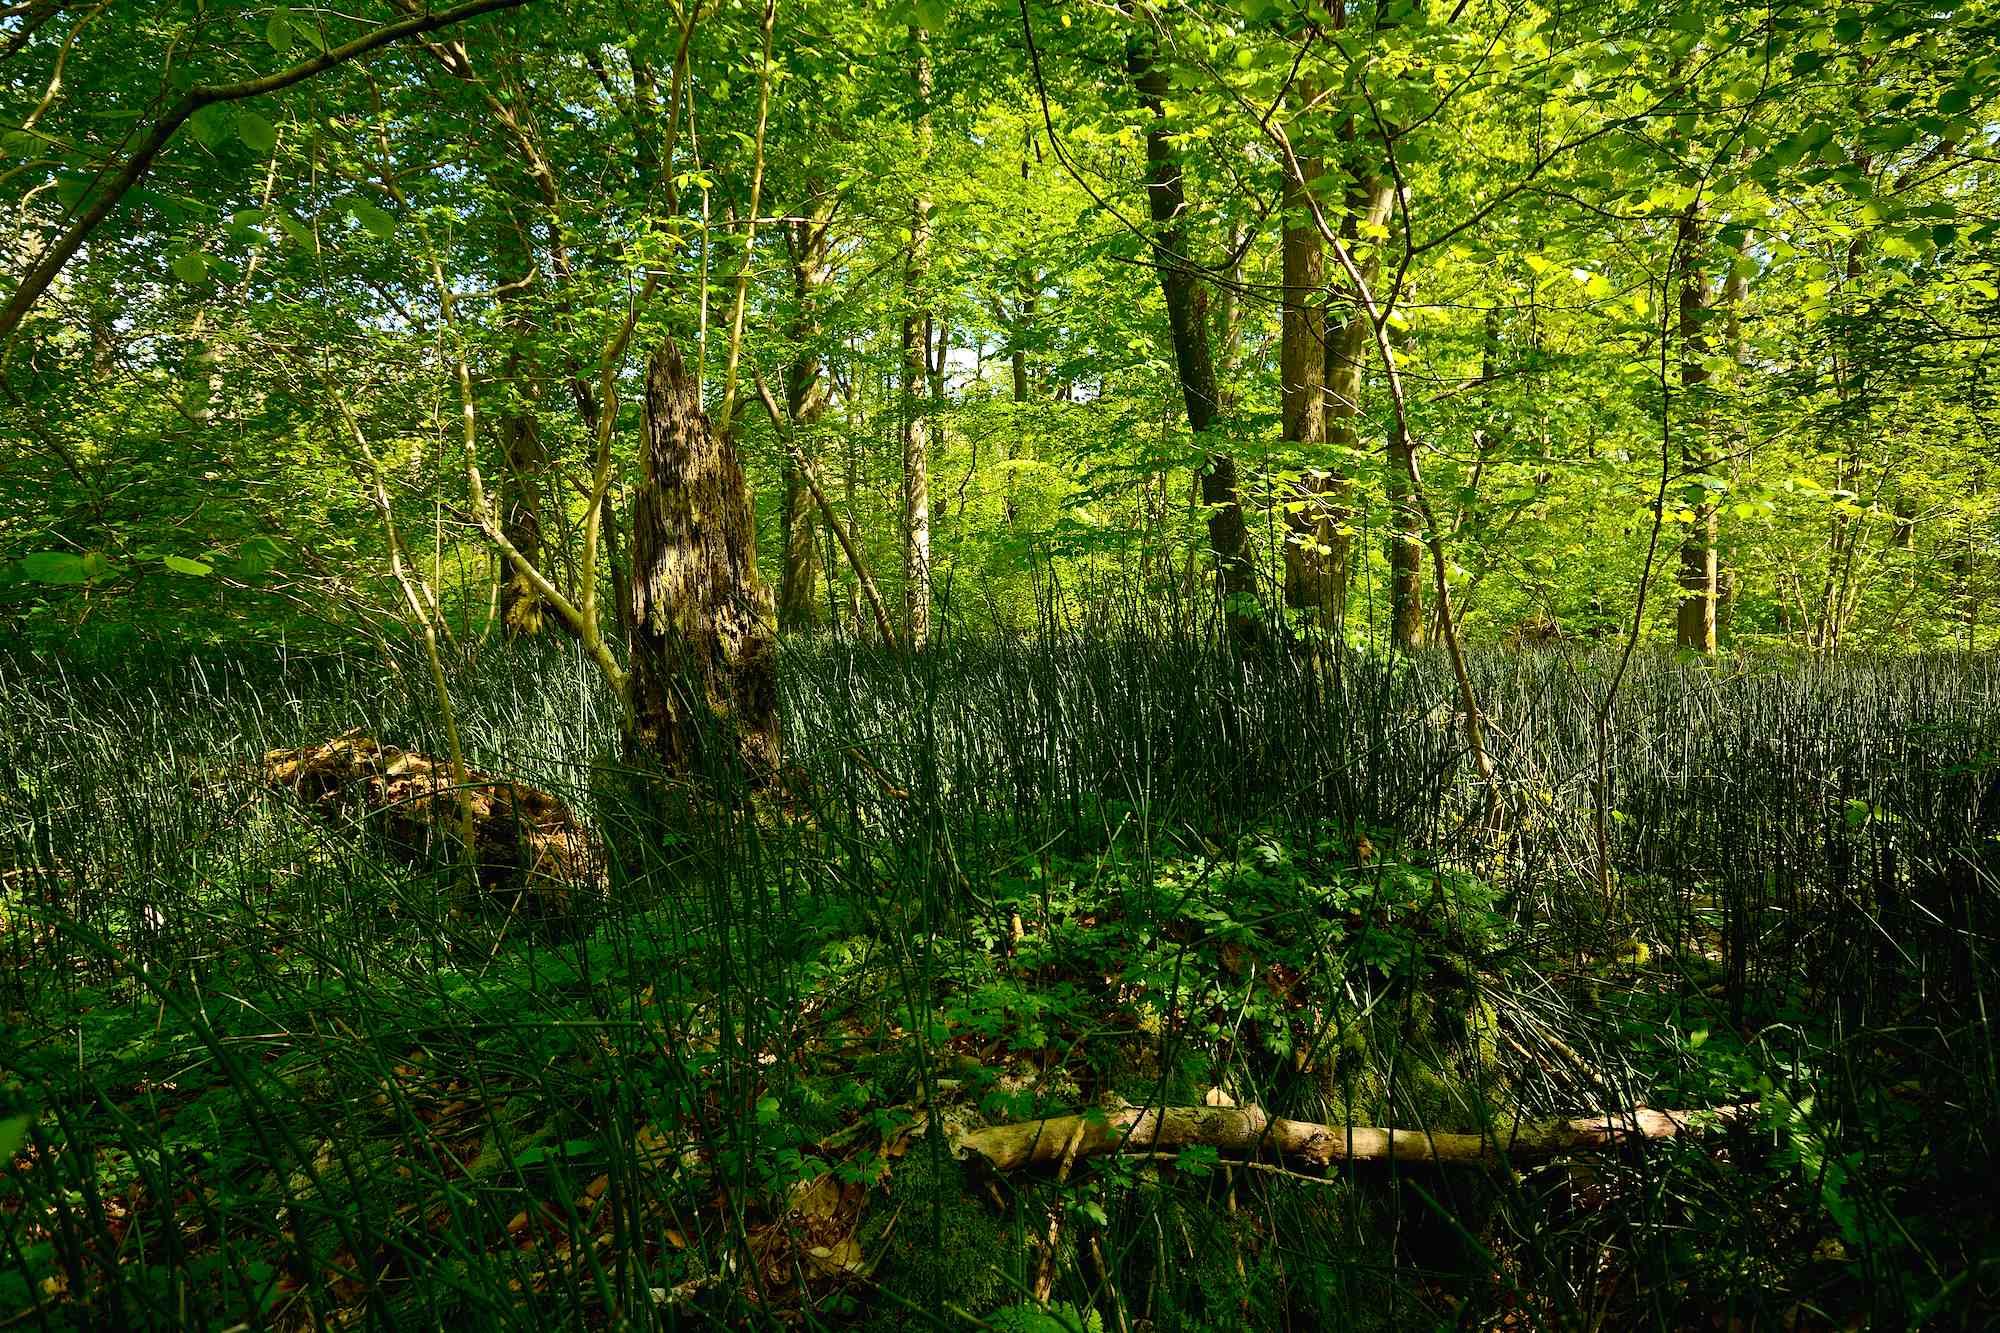 En lille 'skov' af skavgræs i titusindvis dækker skovbunden. Draved Skov, maj (foto © Rune Engelbreth Larsen)